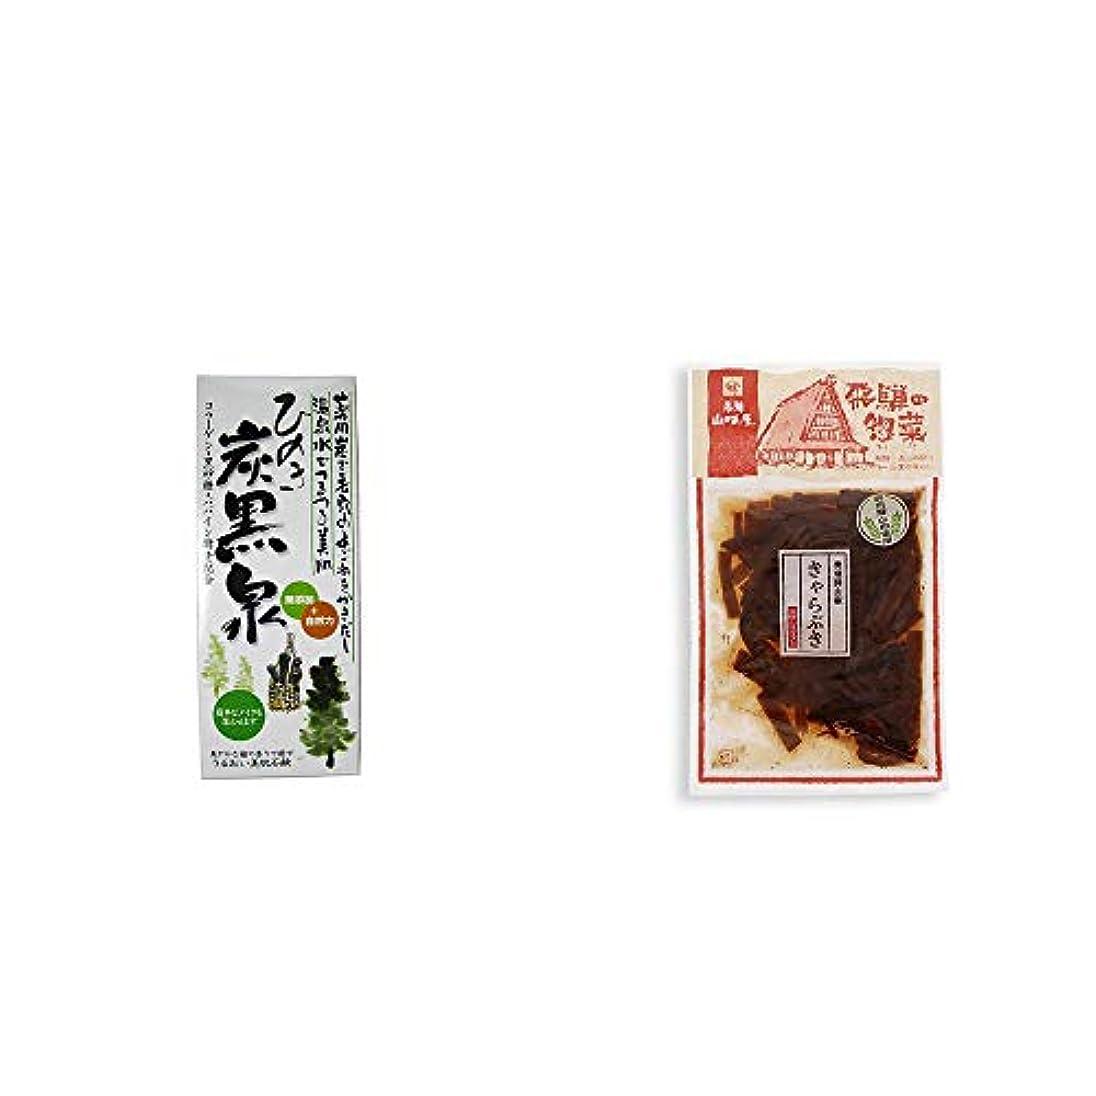 減衰完了タバコ[2点セット] ひのき炭黒泉 箱入り(75g×3)?飛騨山味屋 奥飛騨山椒きゃらぶき(120g)